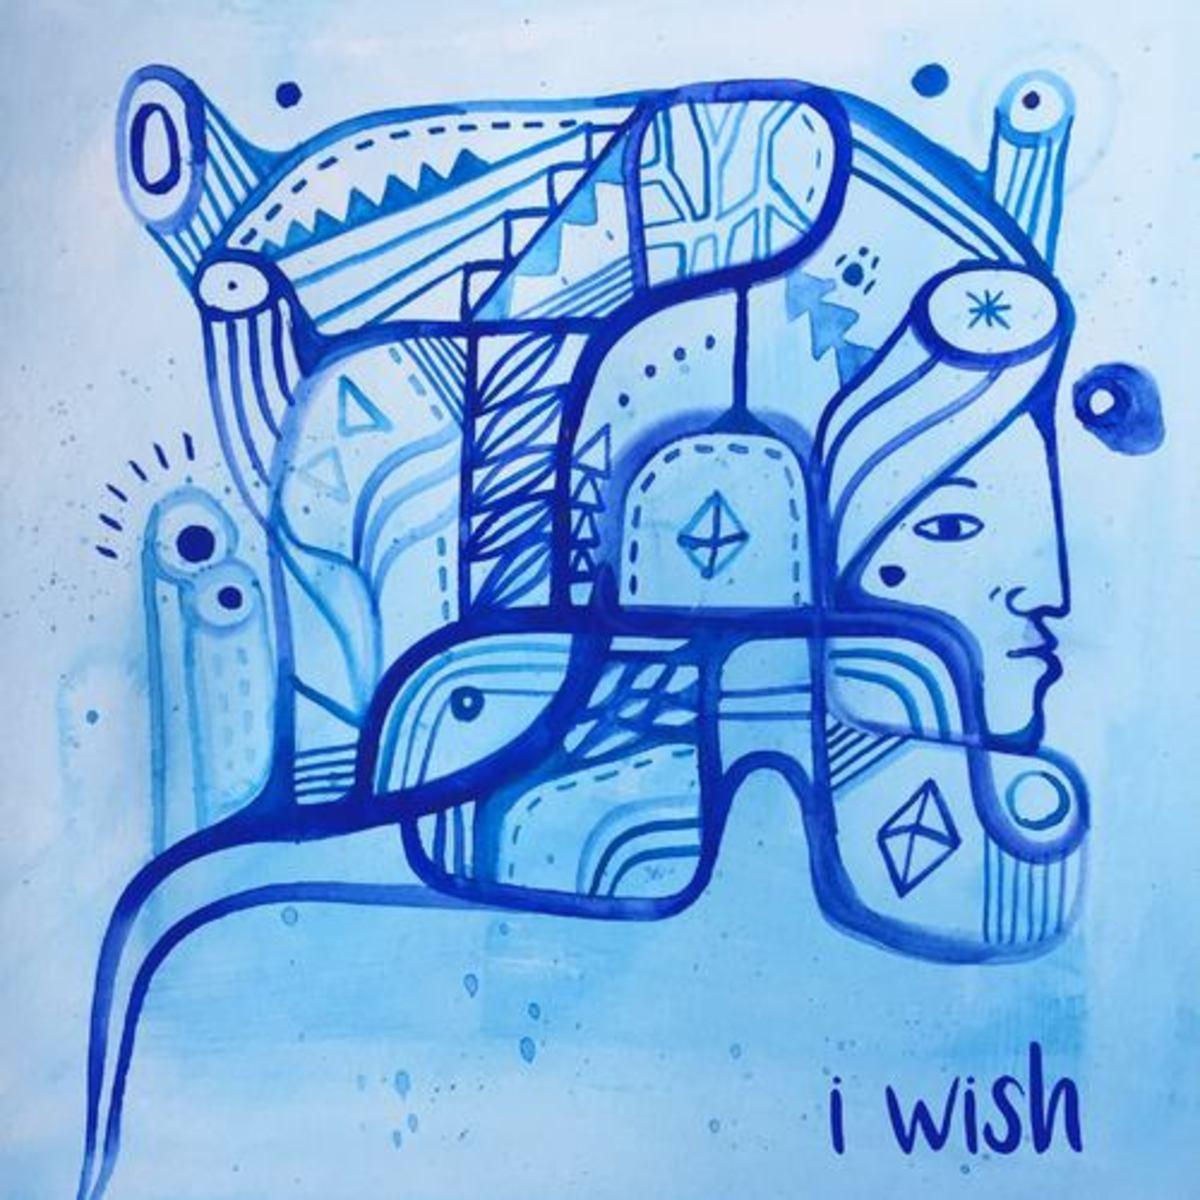 jswiss-i-wish.jpg